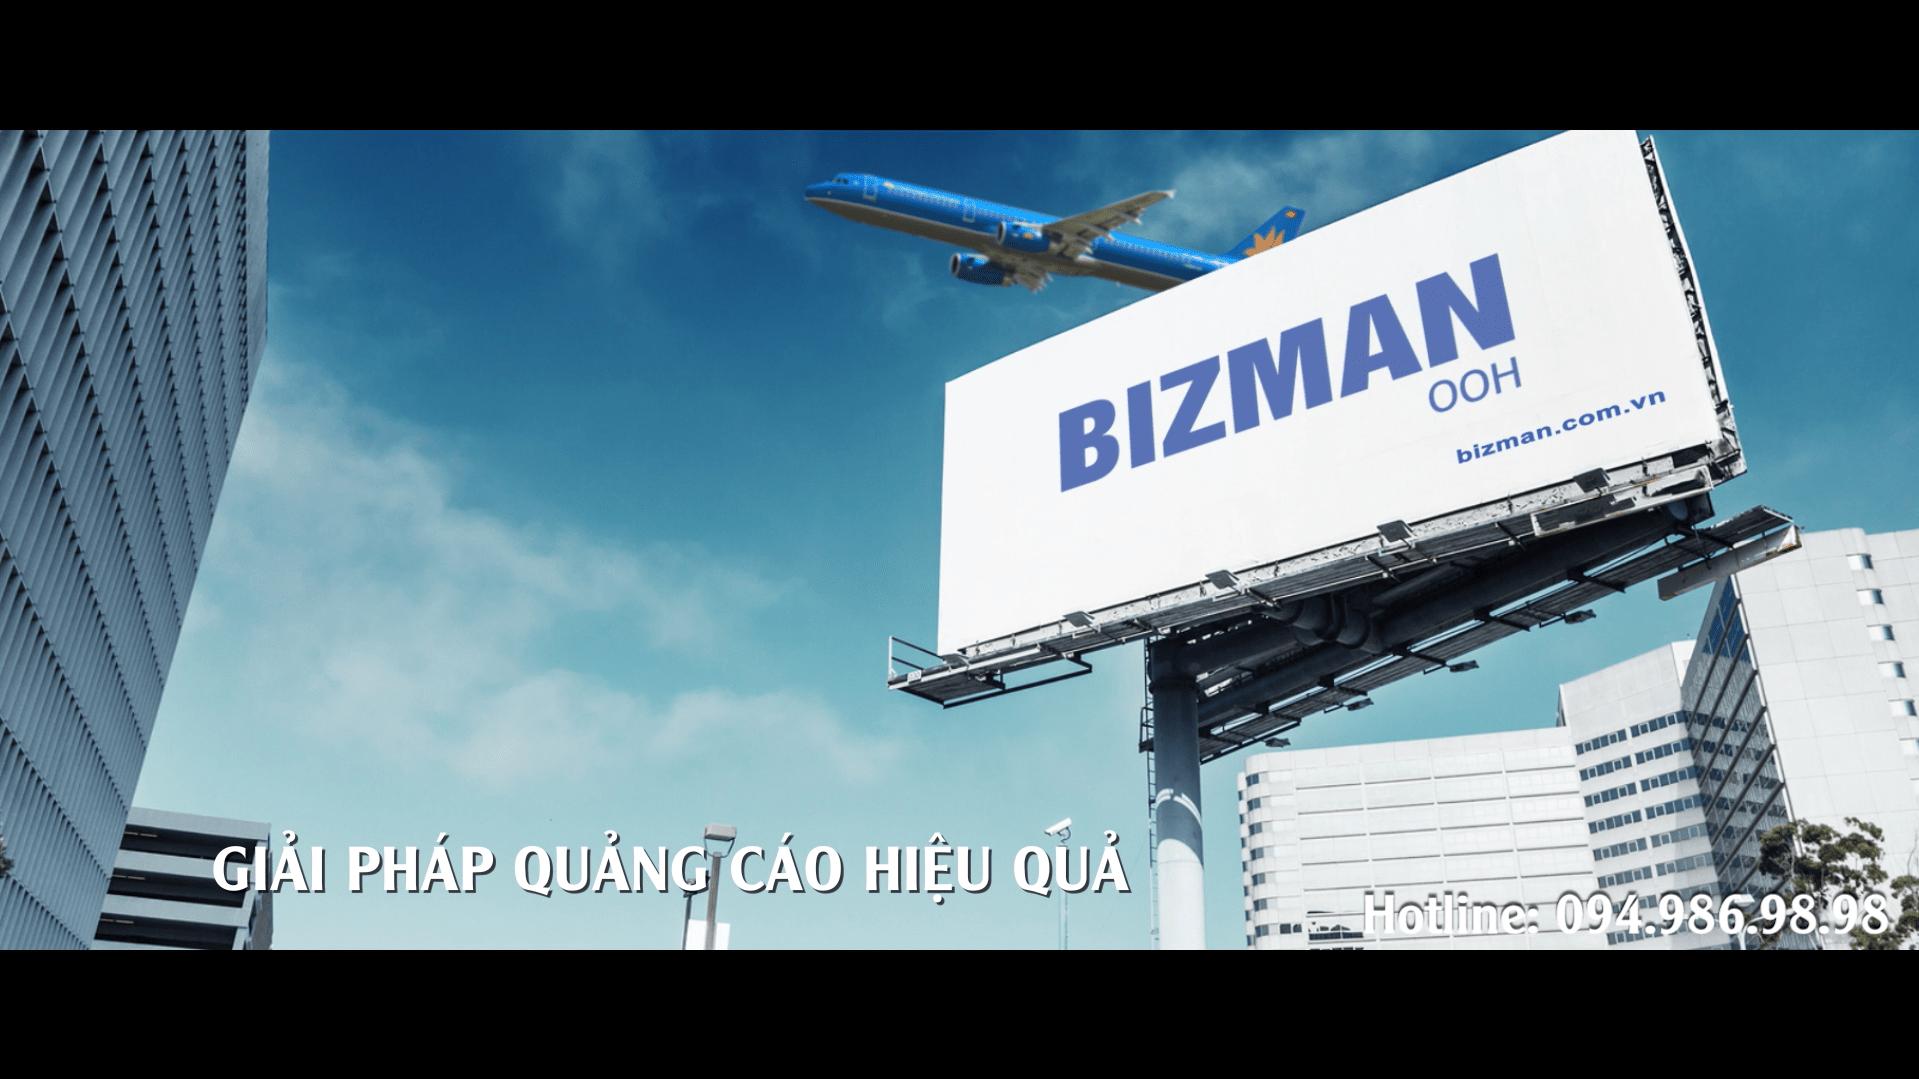 Top 3 hình thức quảng cáo phổ biến tại Hồ Chí Minh